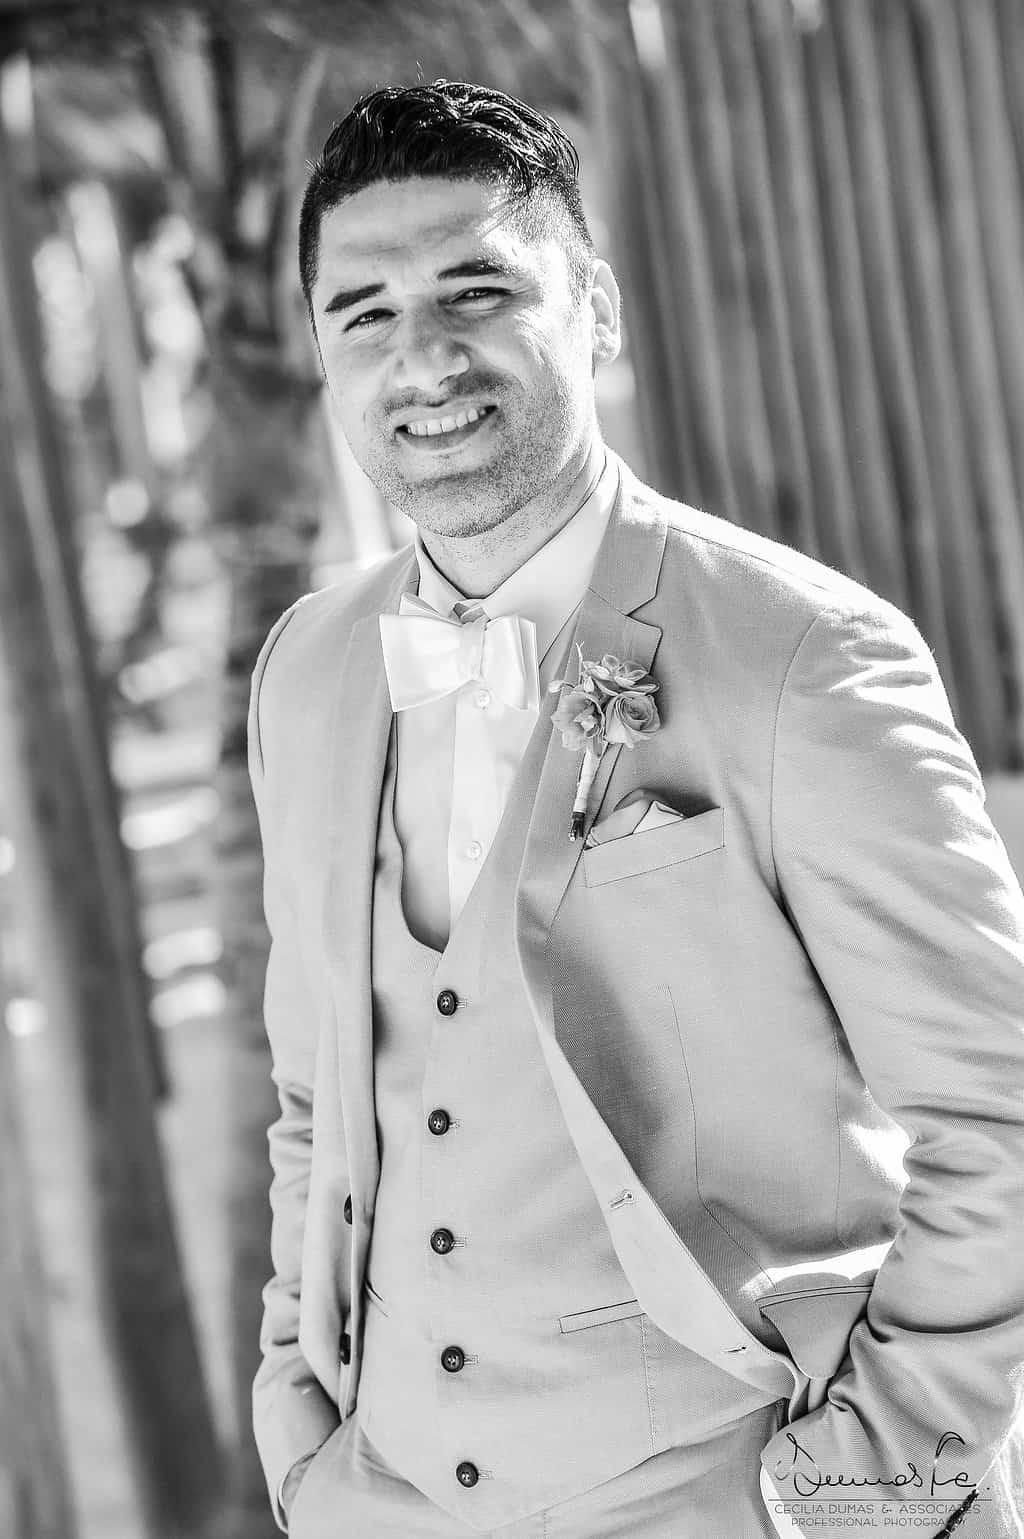 mahekalhotel-playadelcarmen-weddingphotography-lindseyalfredo52